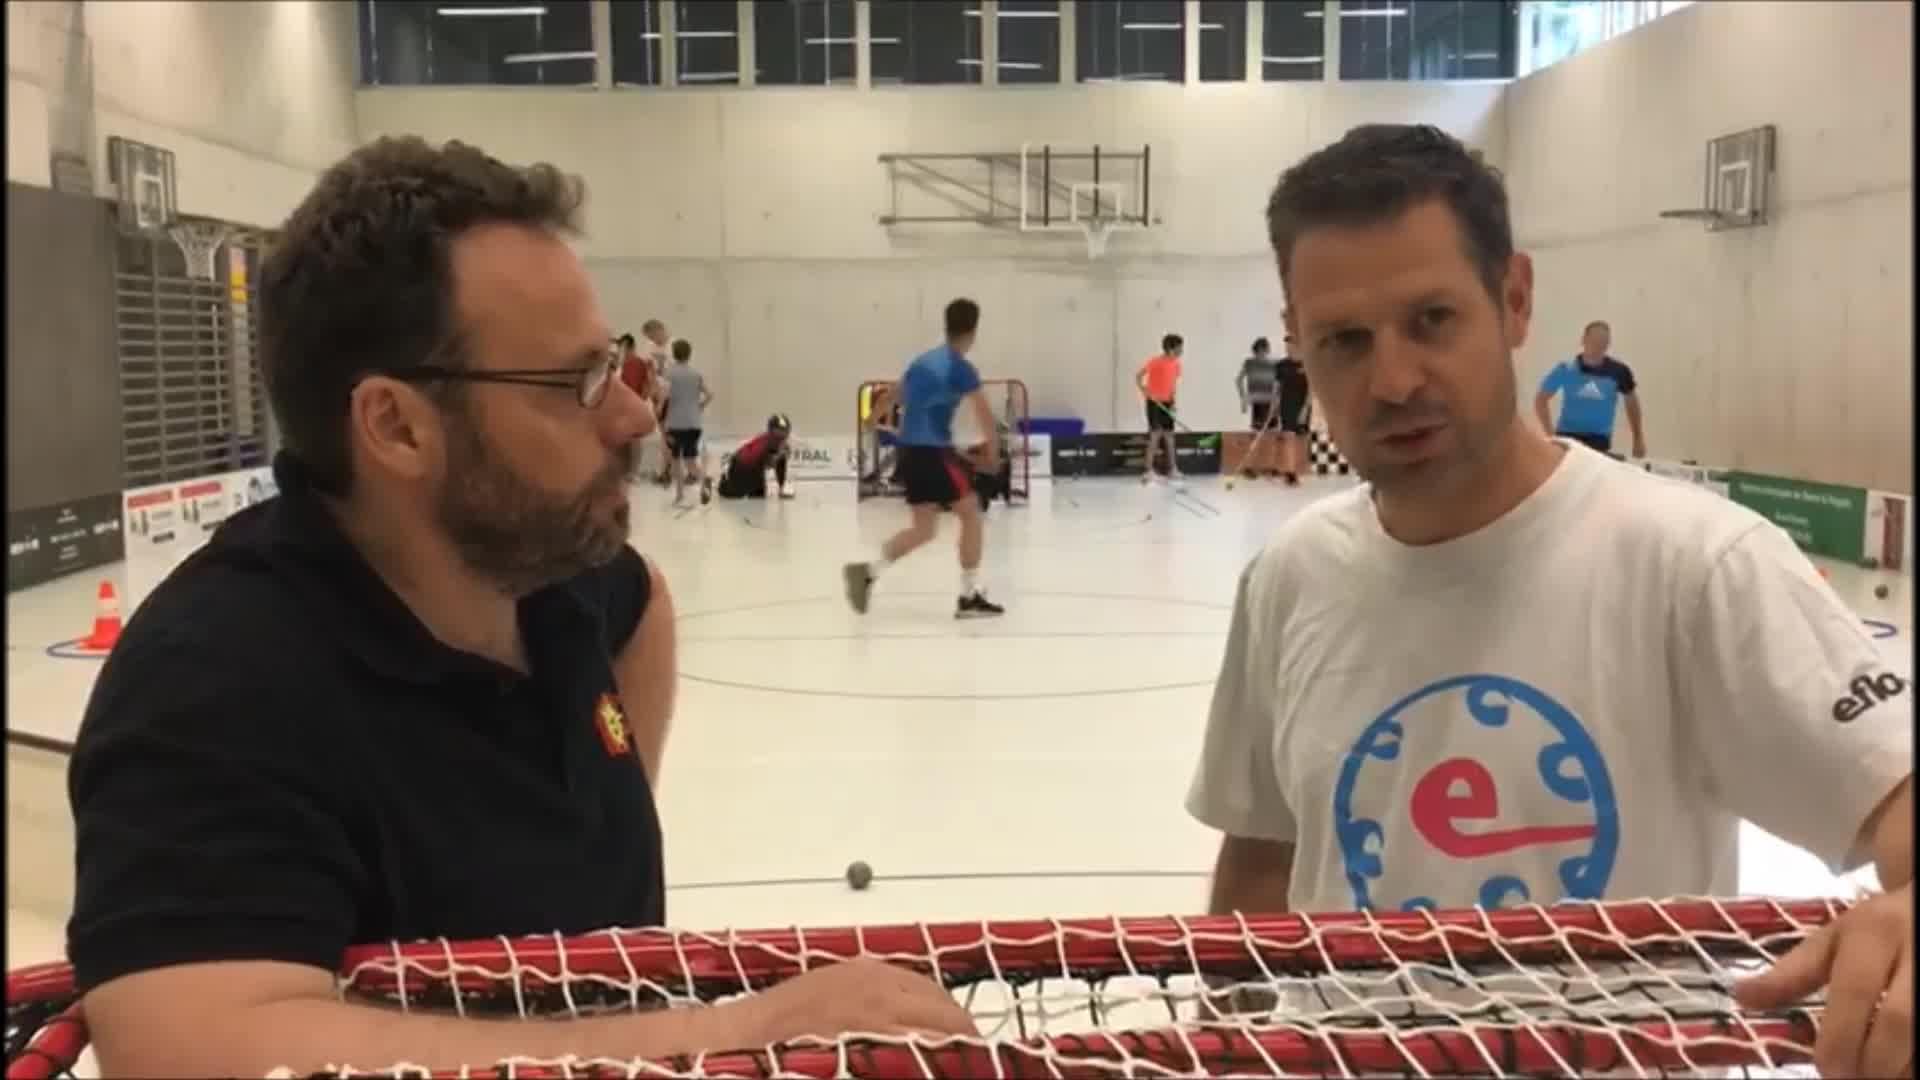 Présentation-interview par Christophe Fellay, responsable technique MJ, du module unihockey réalisé dans le cadre…